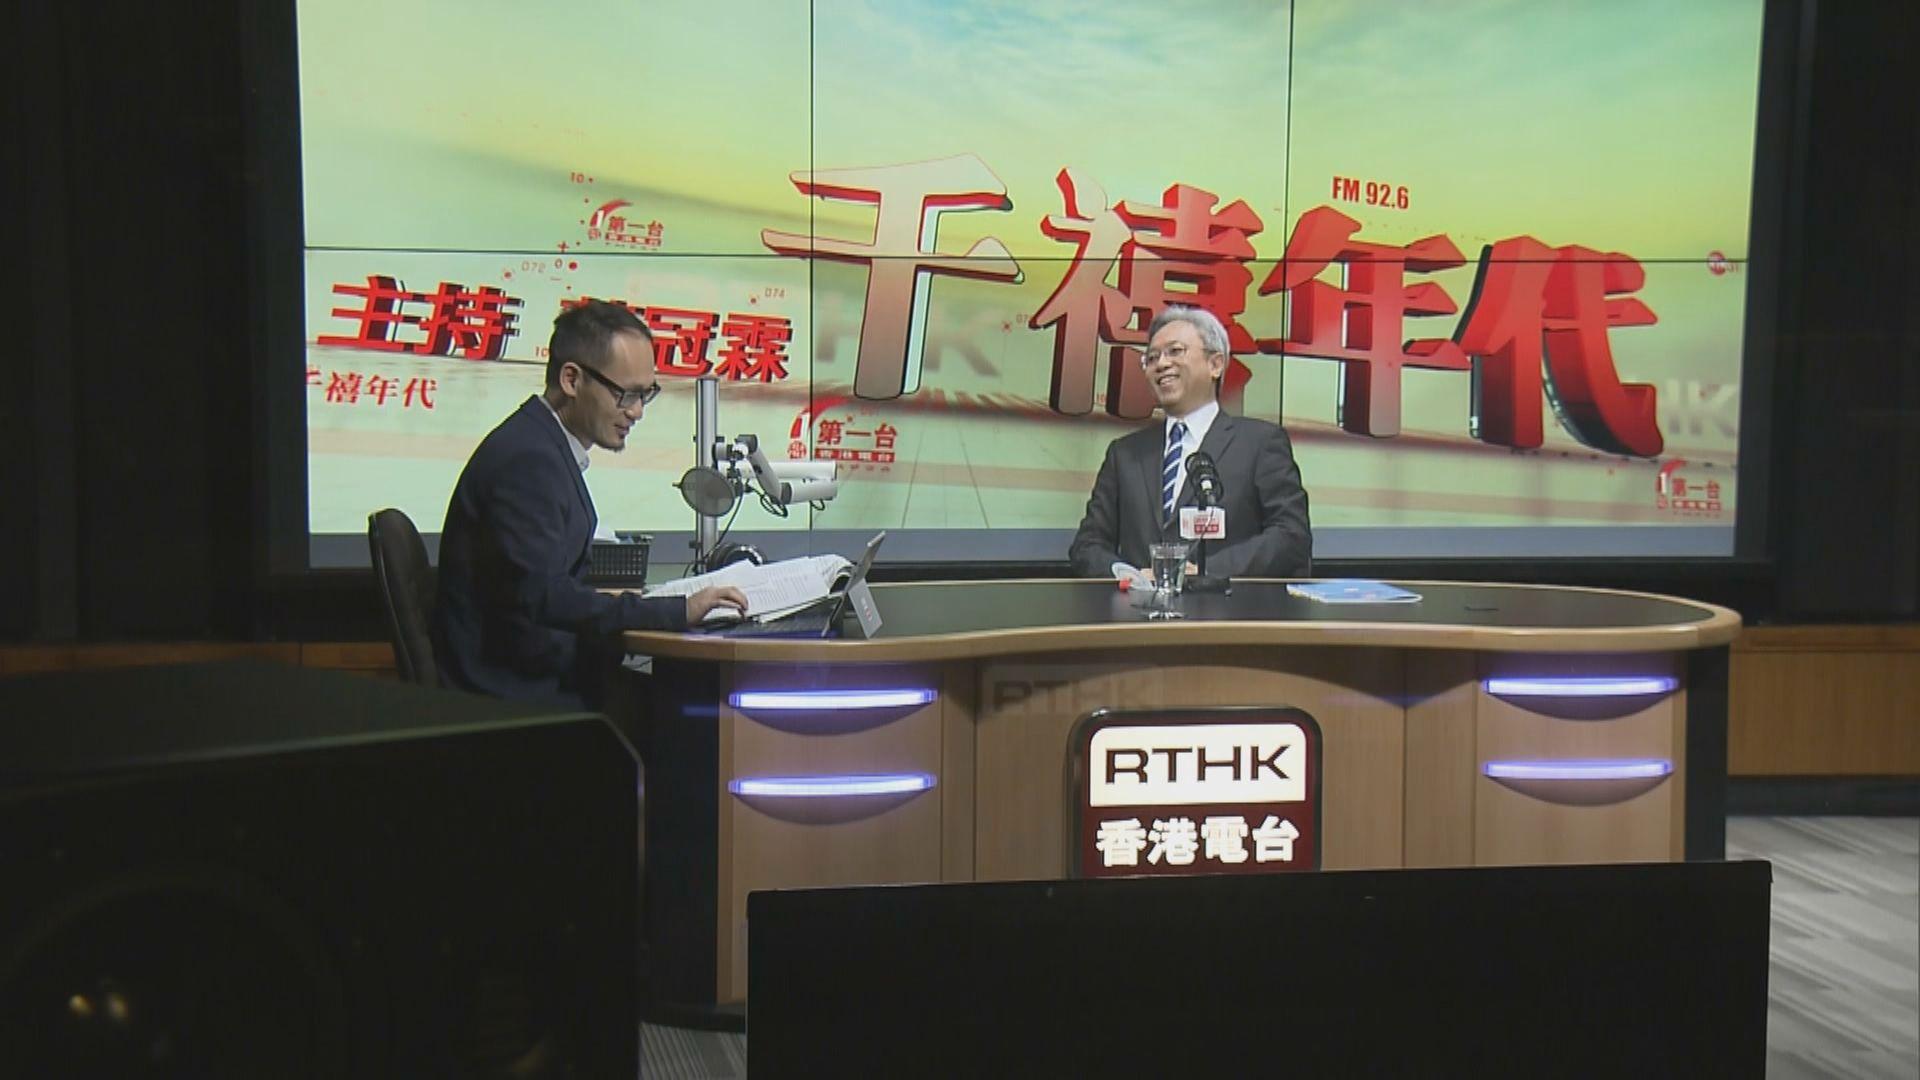 羅智光:須加強公務員認識國家盼勿存偏見